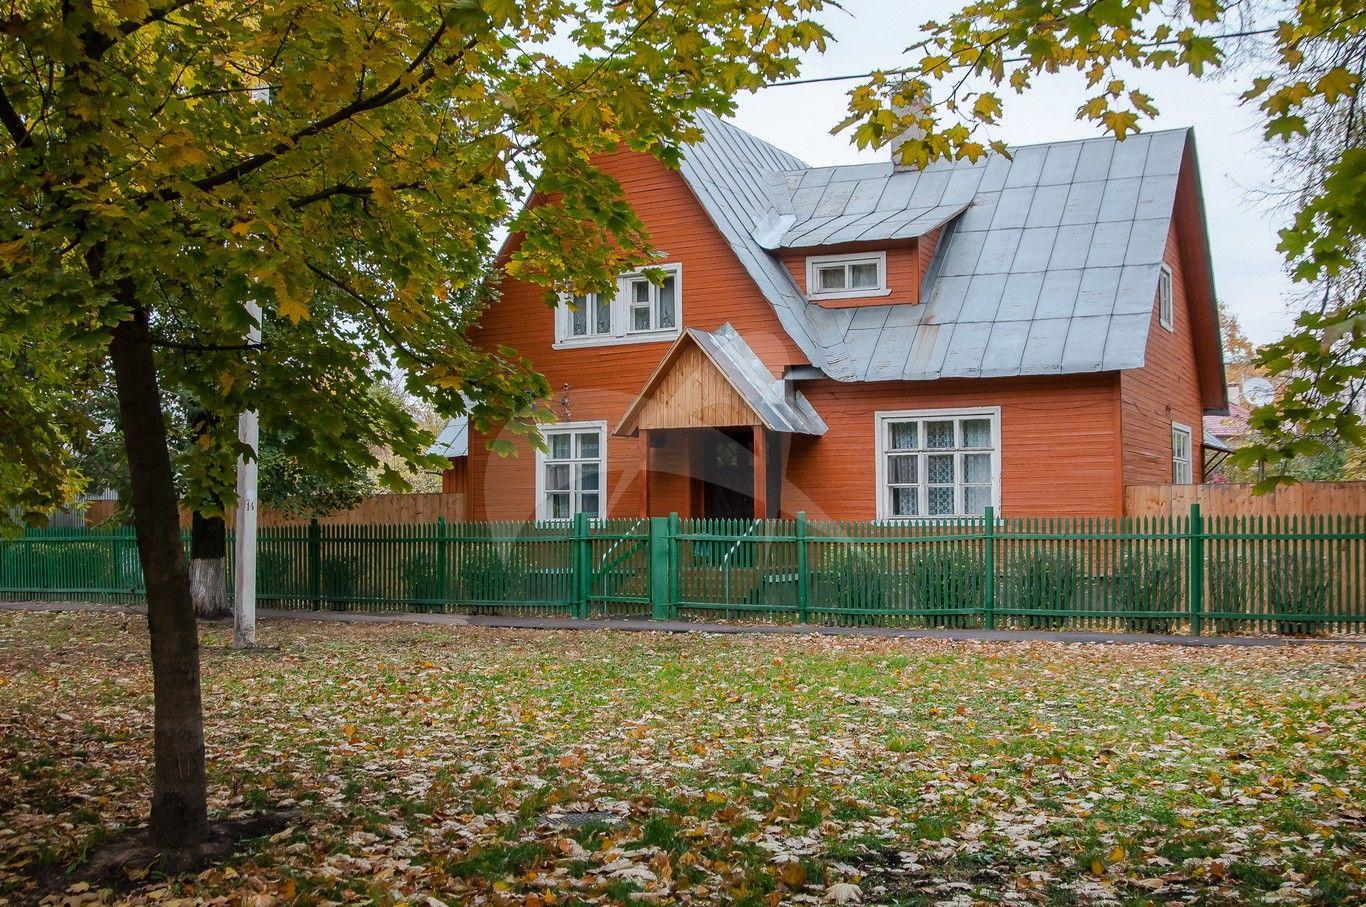 Жилой дом, 1928 г., арх. Н.В. Марковников